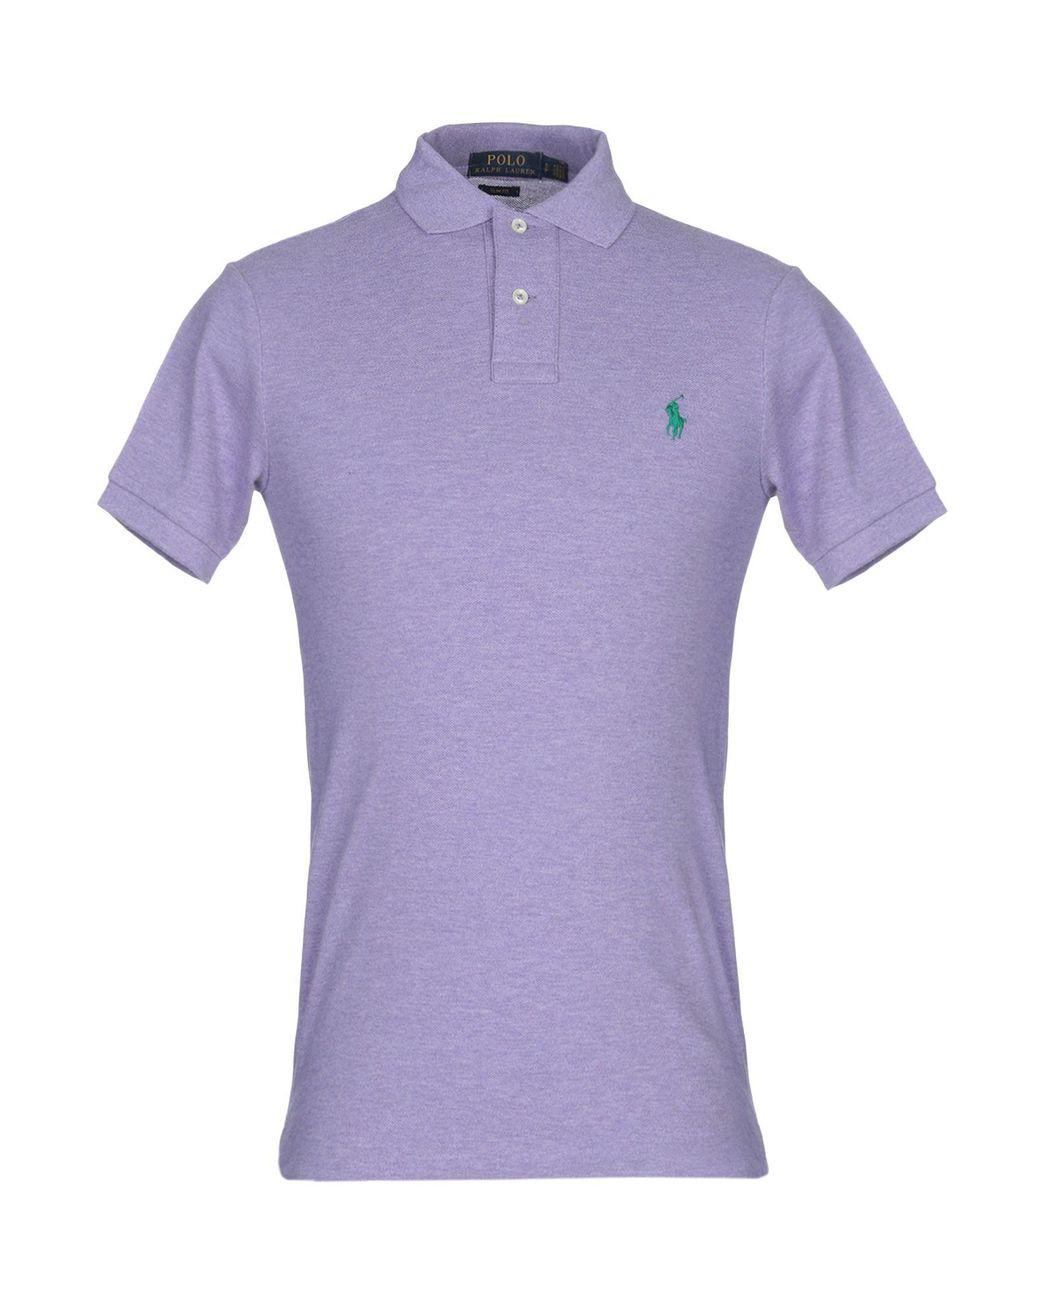 De Violet De Polo Homme Coloris Homme Coloris Violet Polo Polo QdCxtrosBh